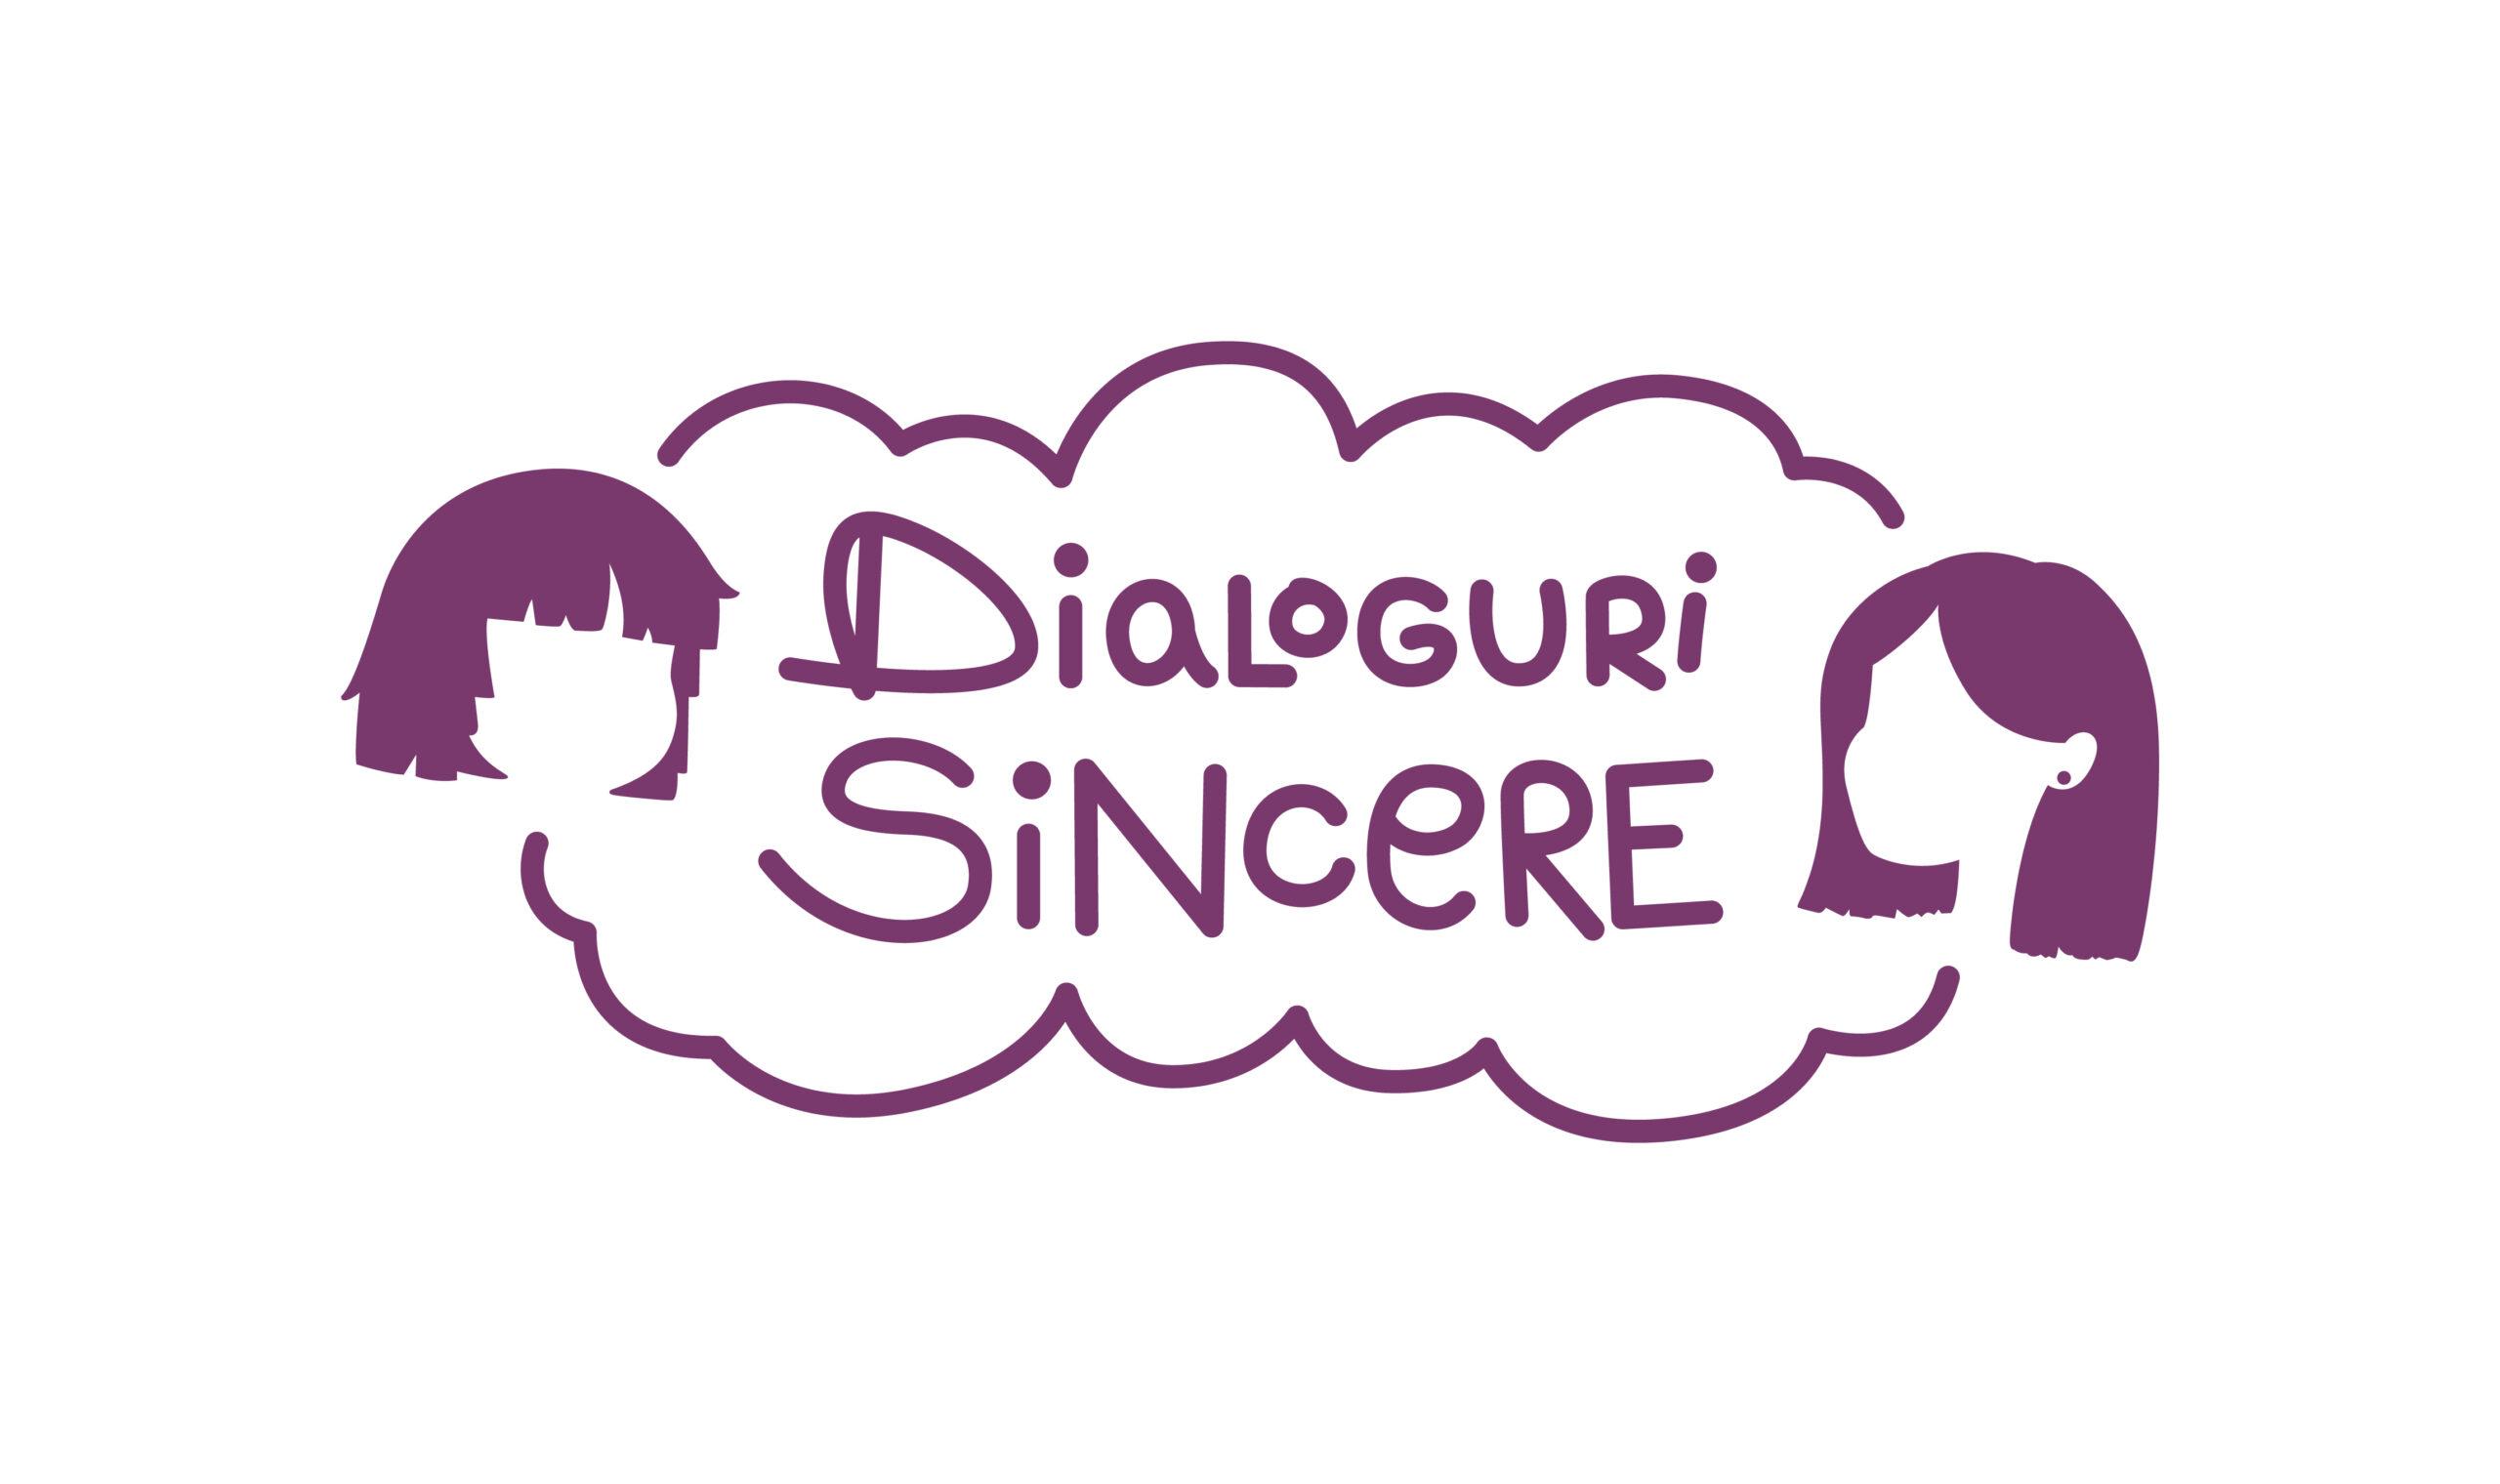 Dialoguri sincere